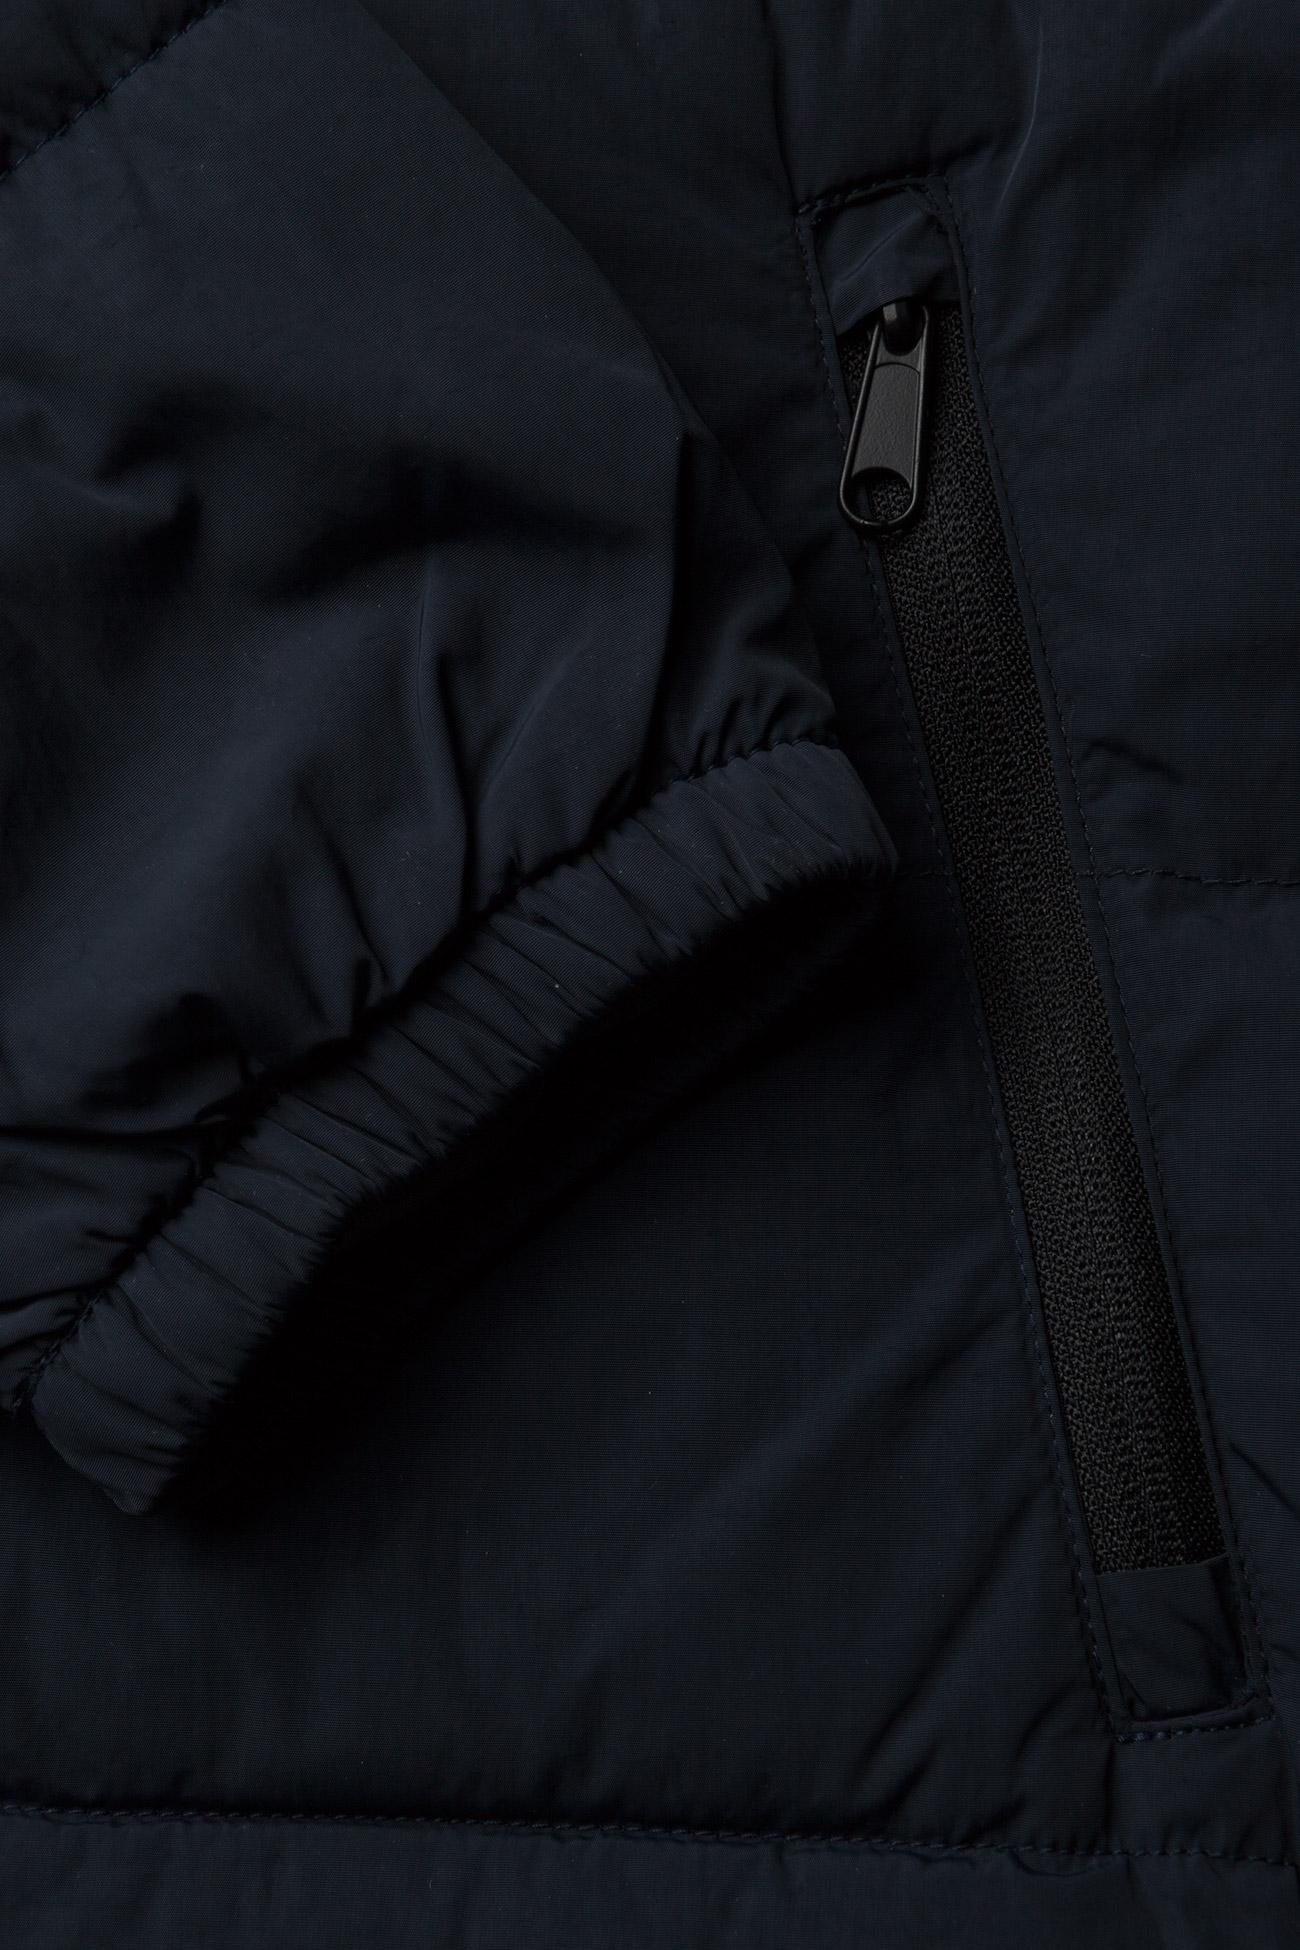 Jacketdark Scott NavyLyleamp; Wadded NavyLyleamp; Wadded Jacketdark ZOuXTPik